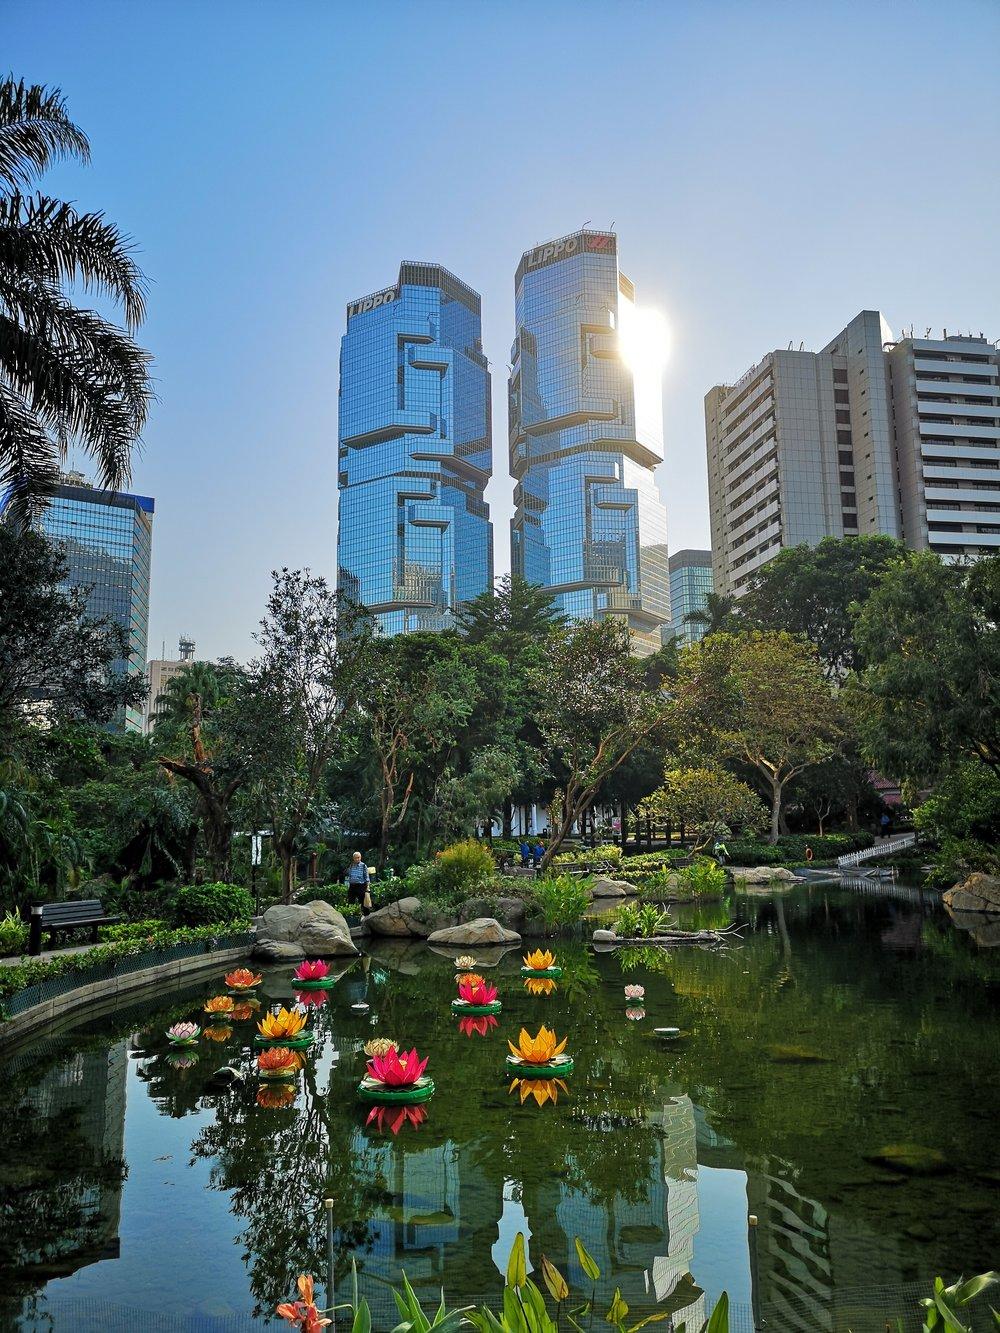 Hong Kong Park on the morning run